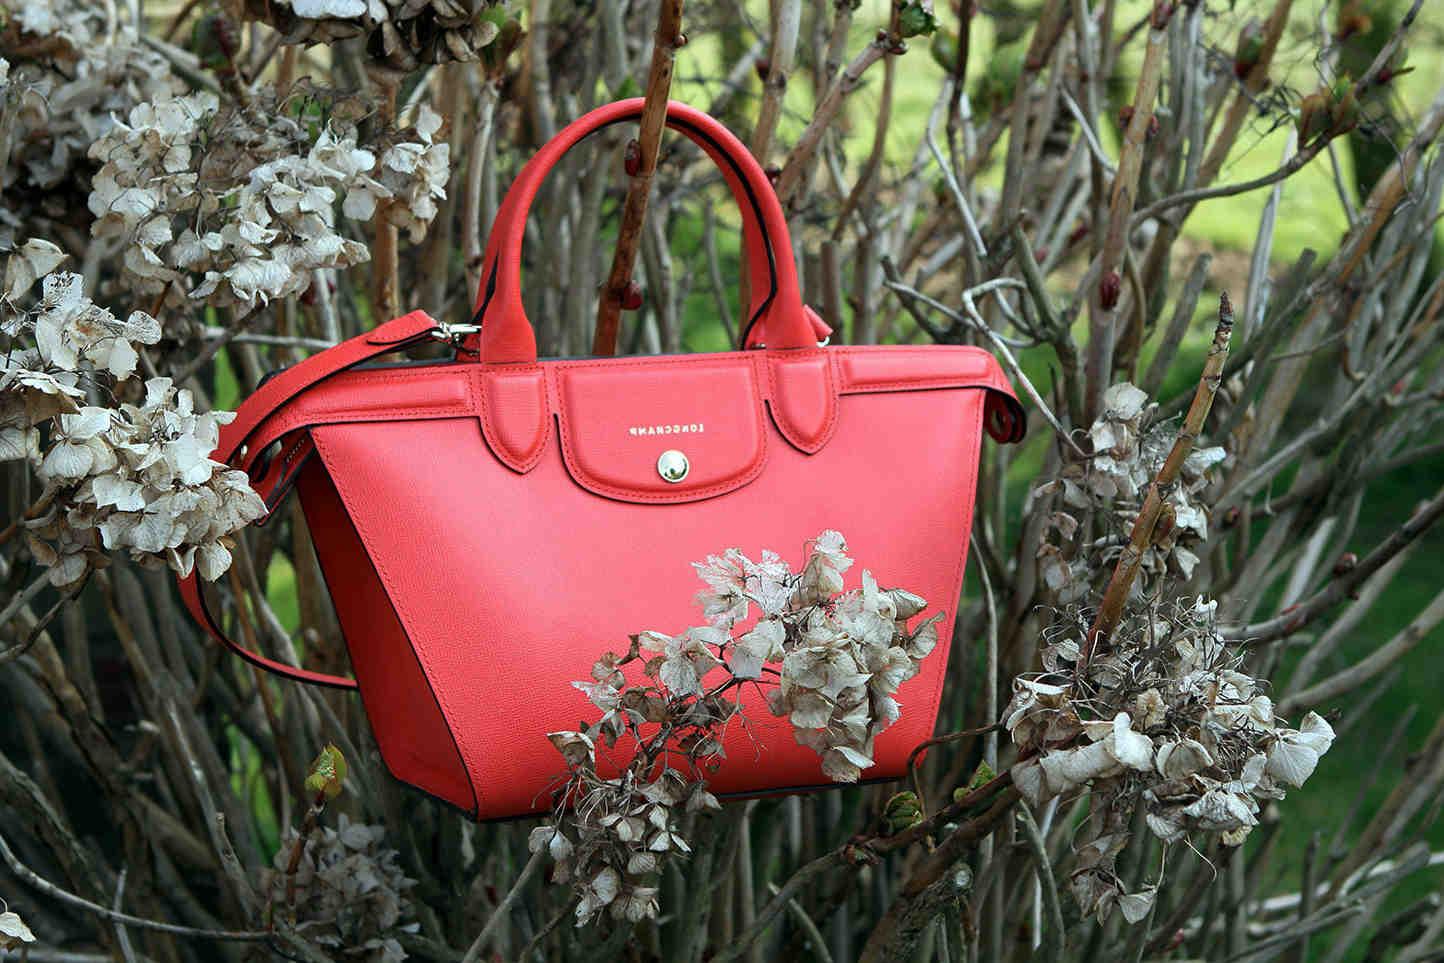 Comment savoir s'il s'agit d'un vrai sac Longchamp?